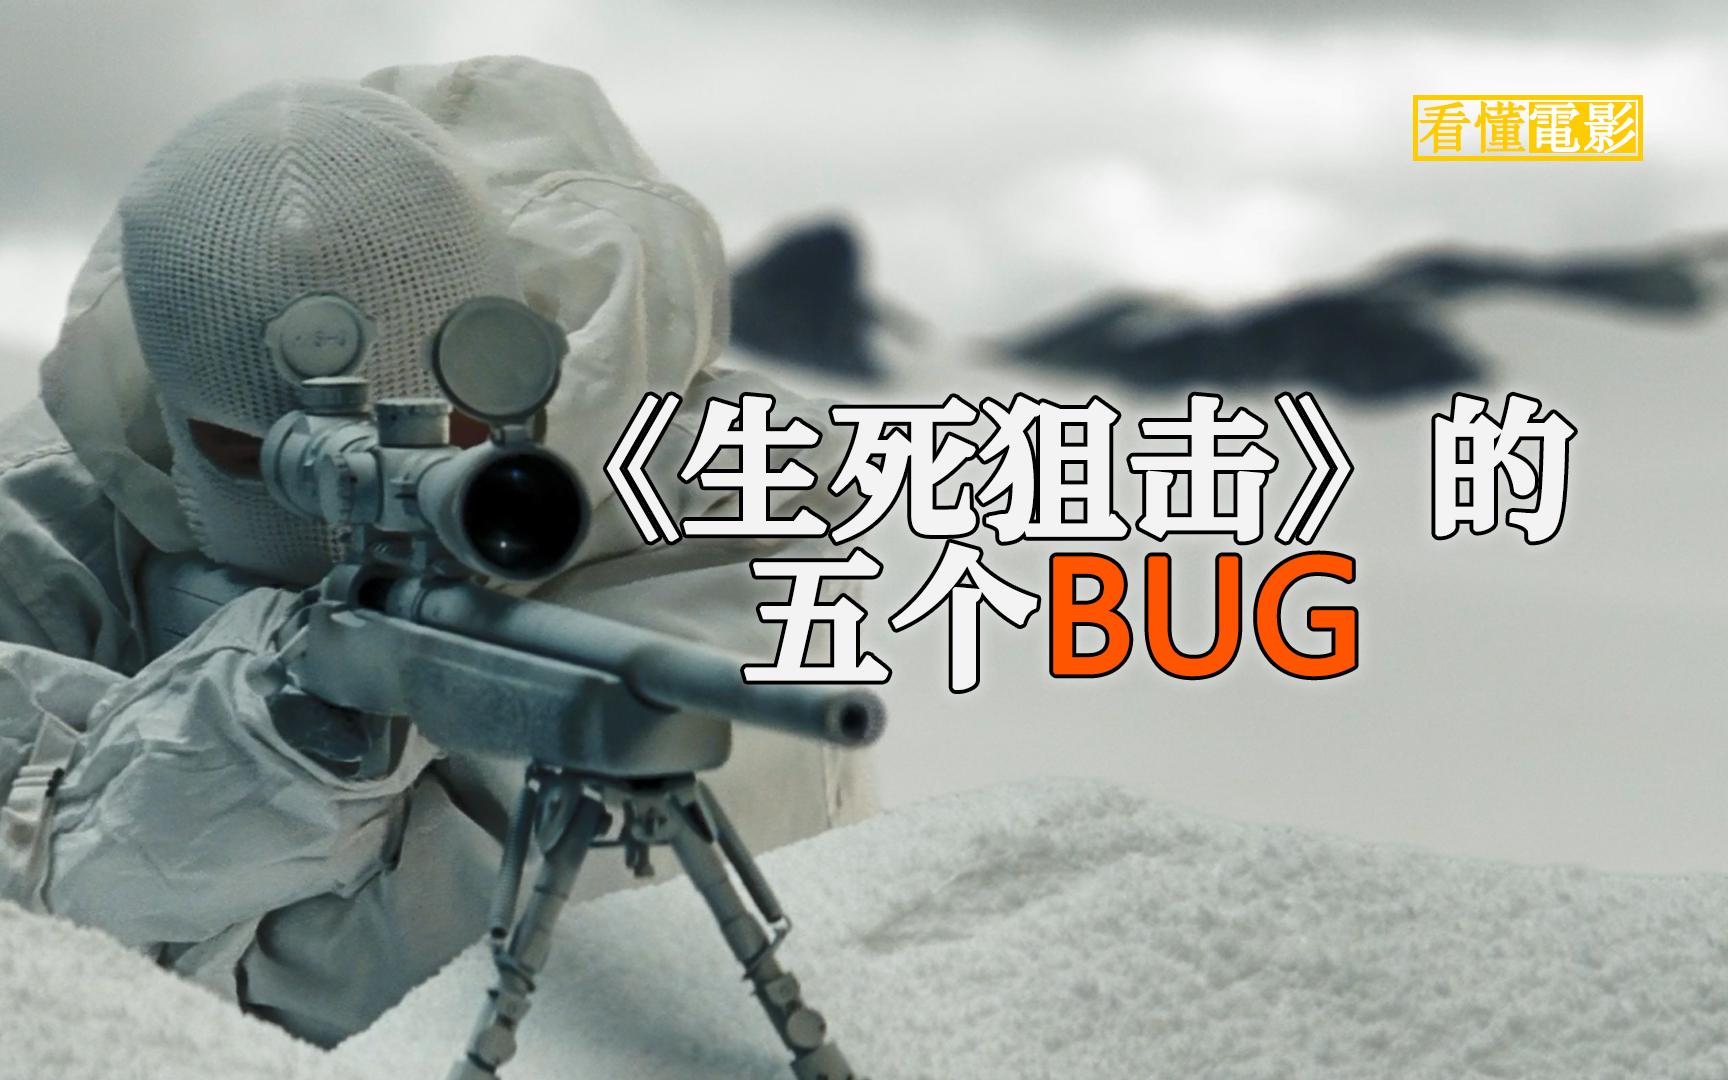 密位、拉栓、分划板!全网最专业解读:硬核军事题材电影《生死狙击》的5个BUG